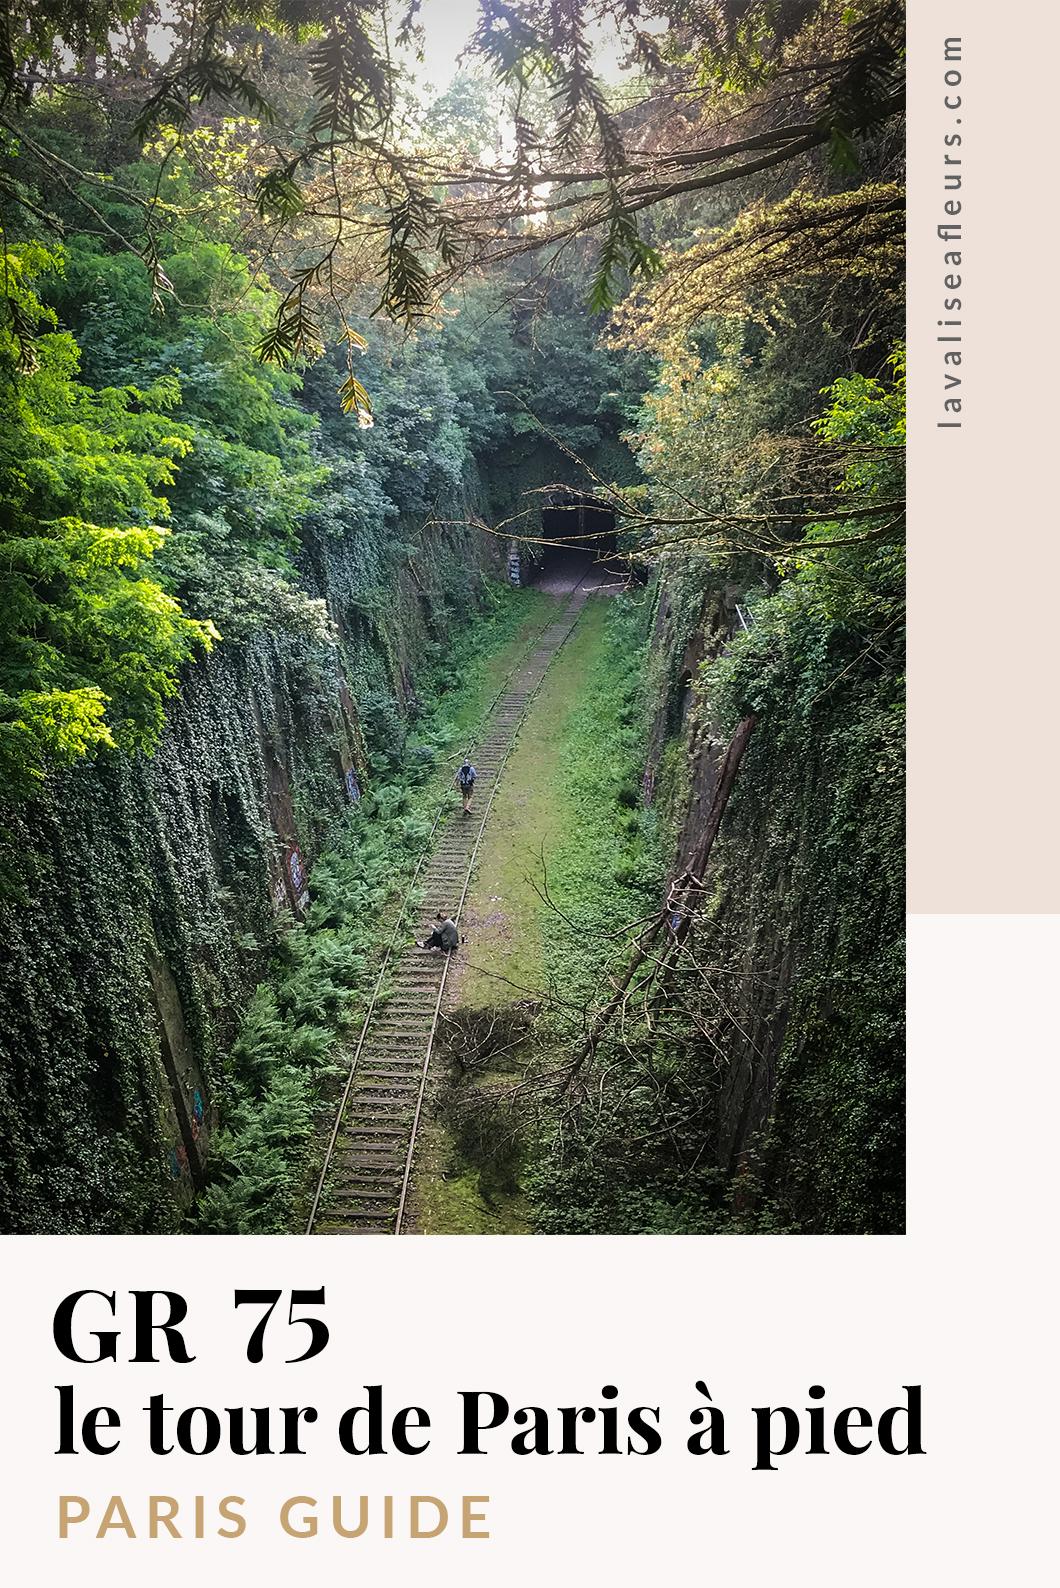 GR 75, le tour de Paris à pied